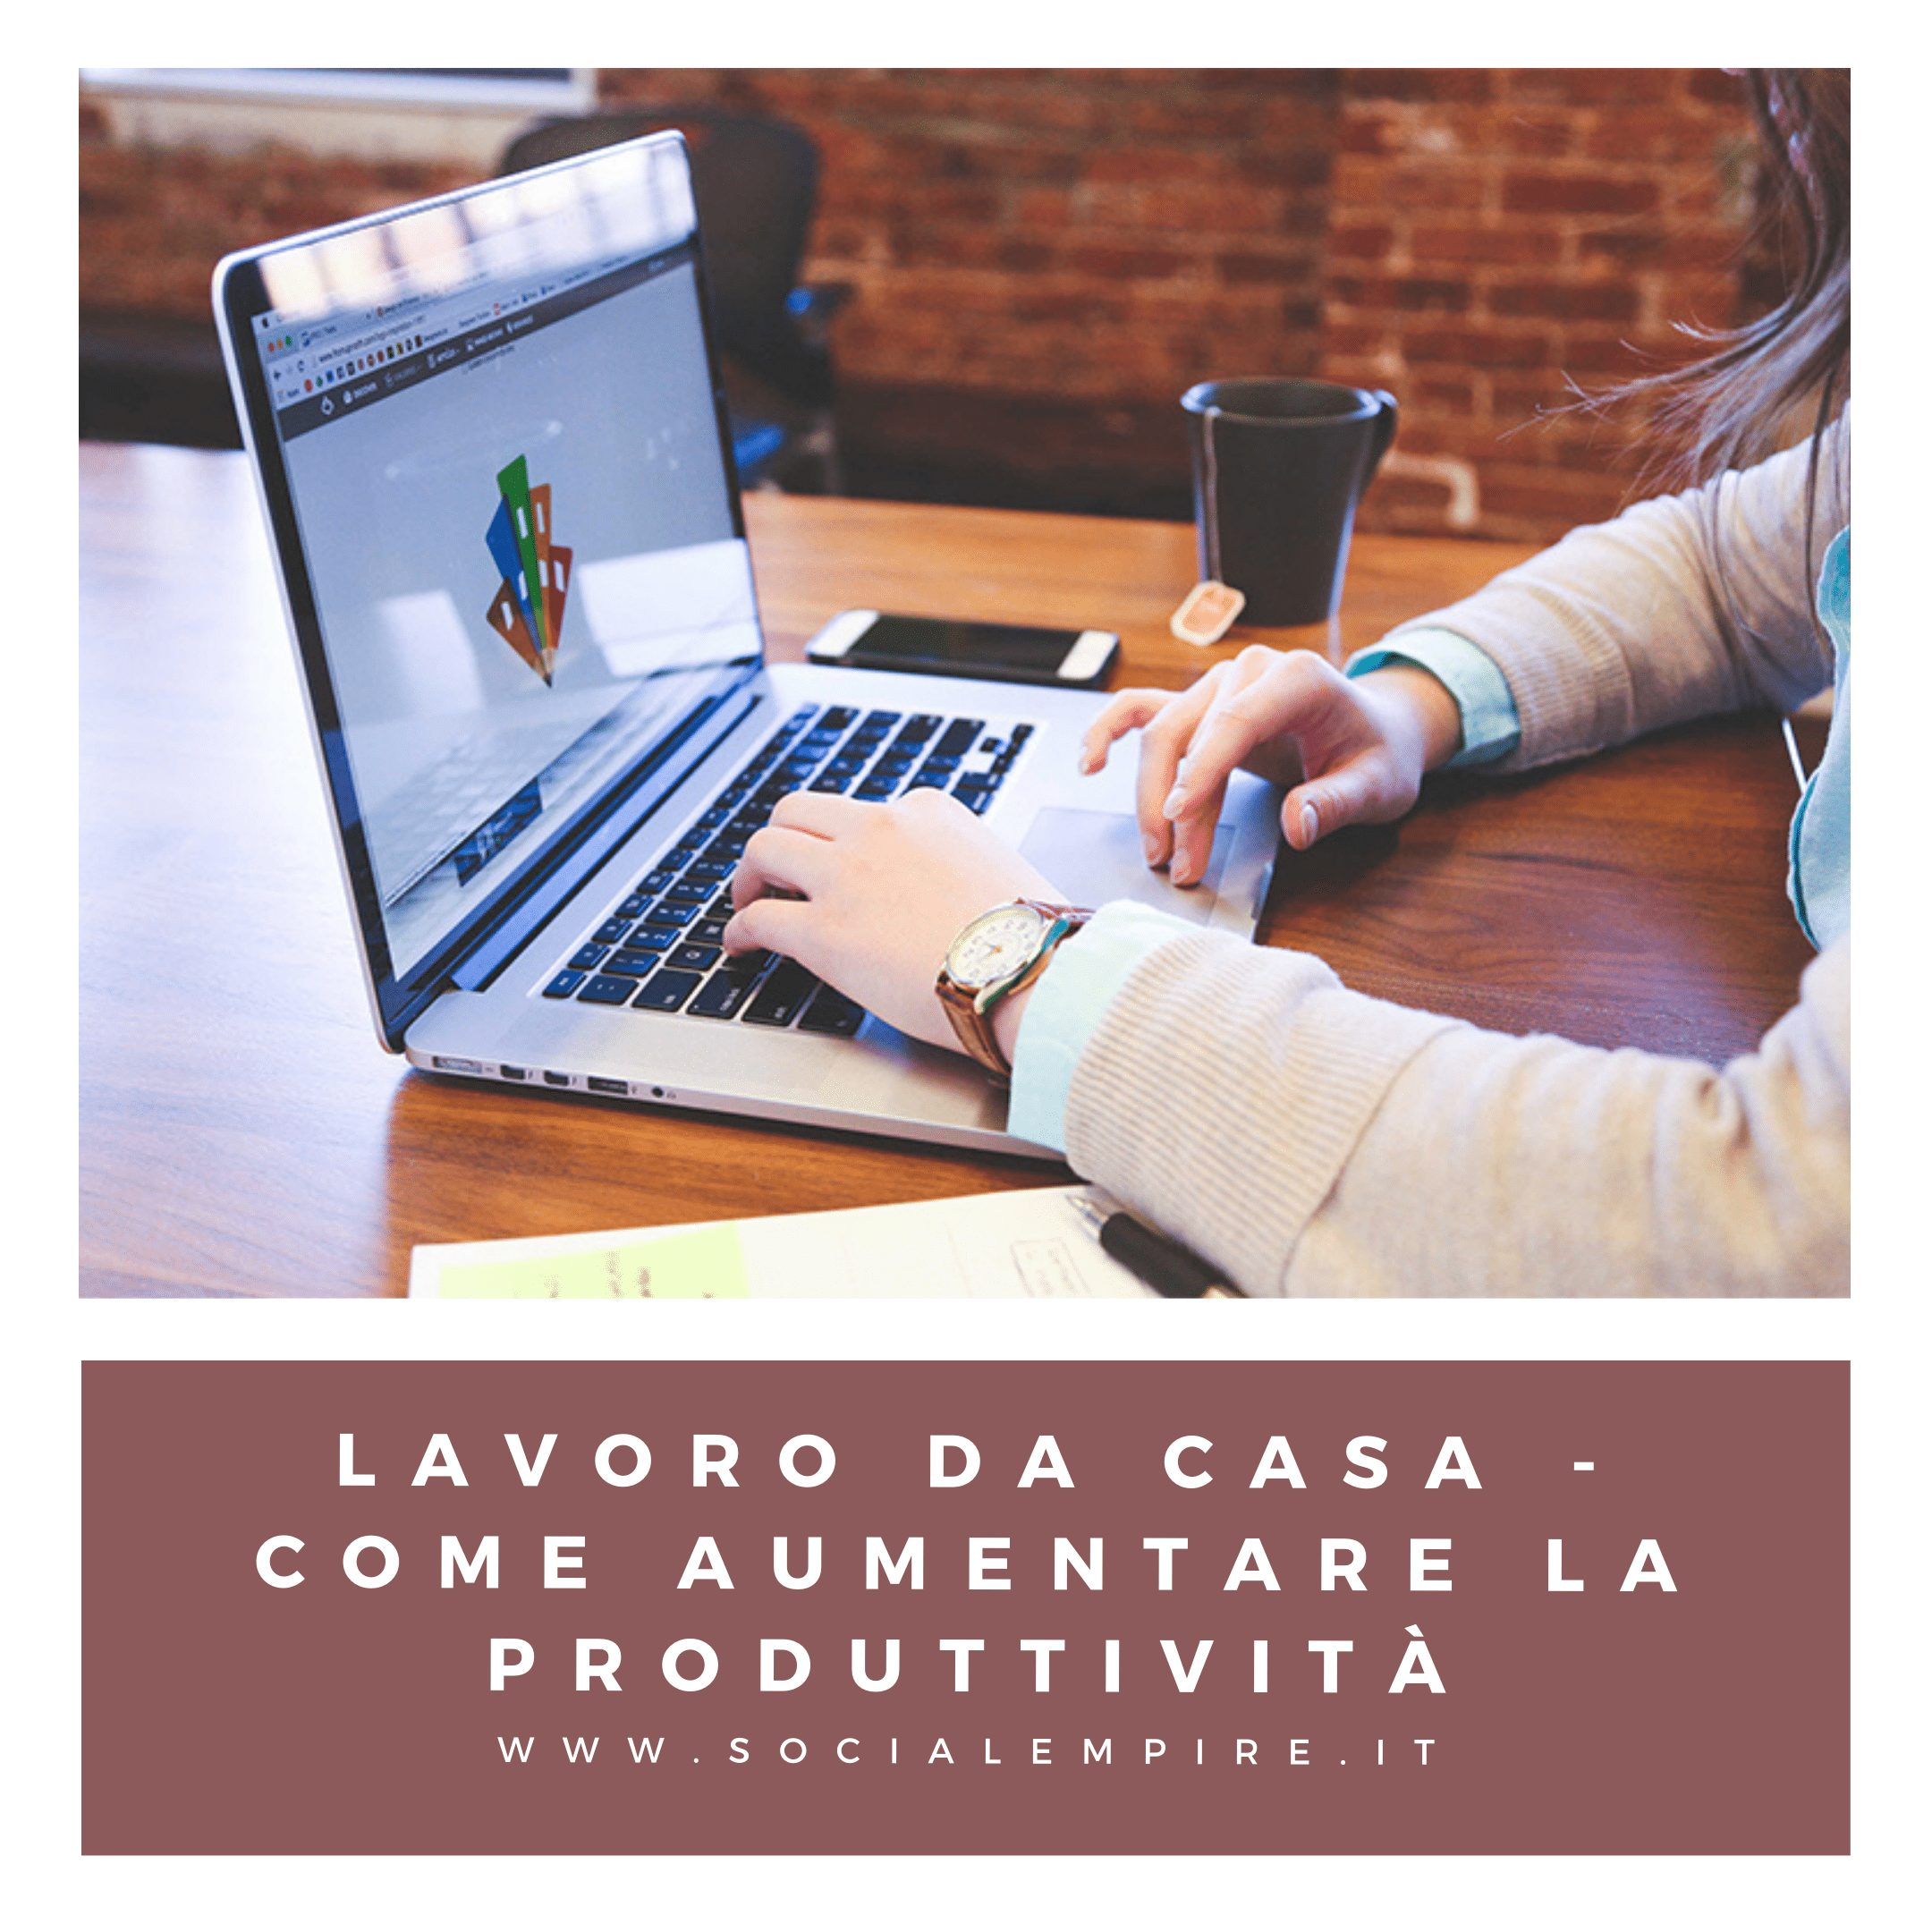 Aumentare la produttività lavorando da casa